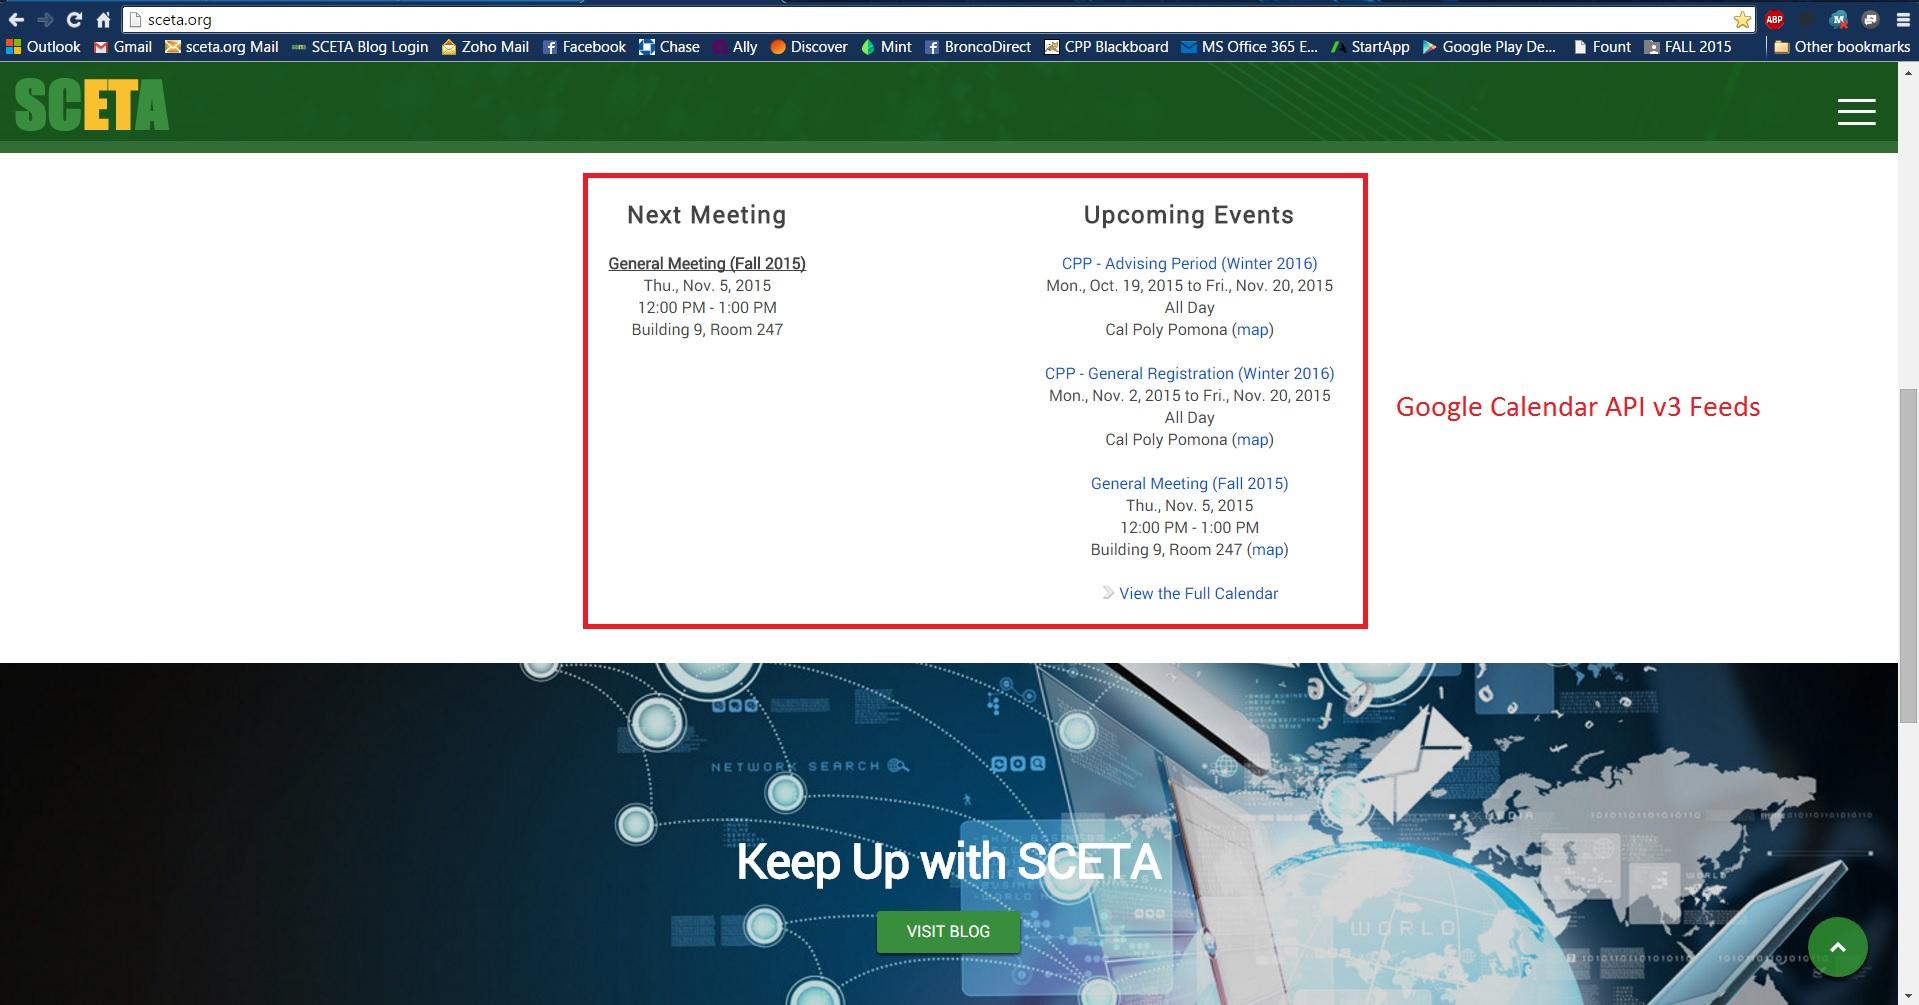 Automated calendar content using the Google Calendar API